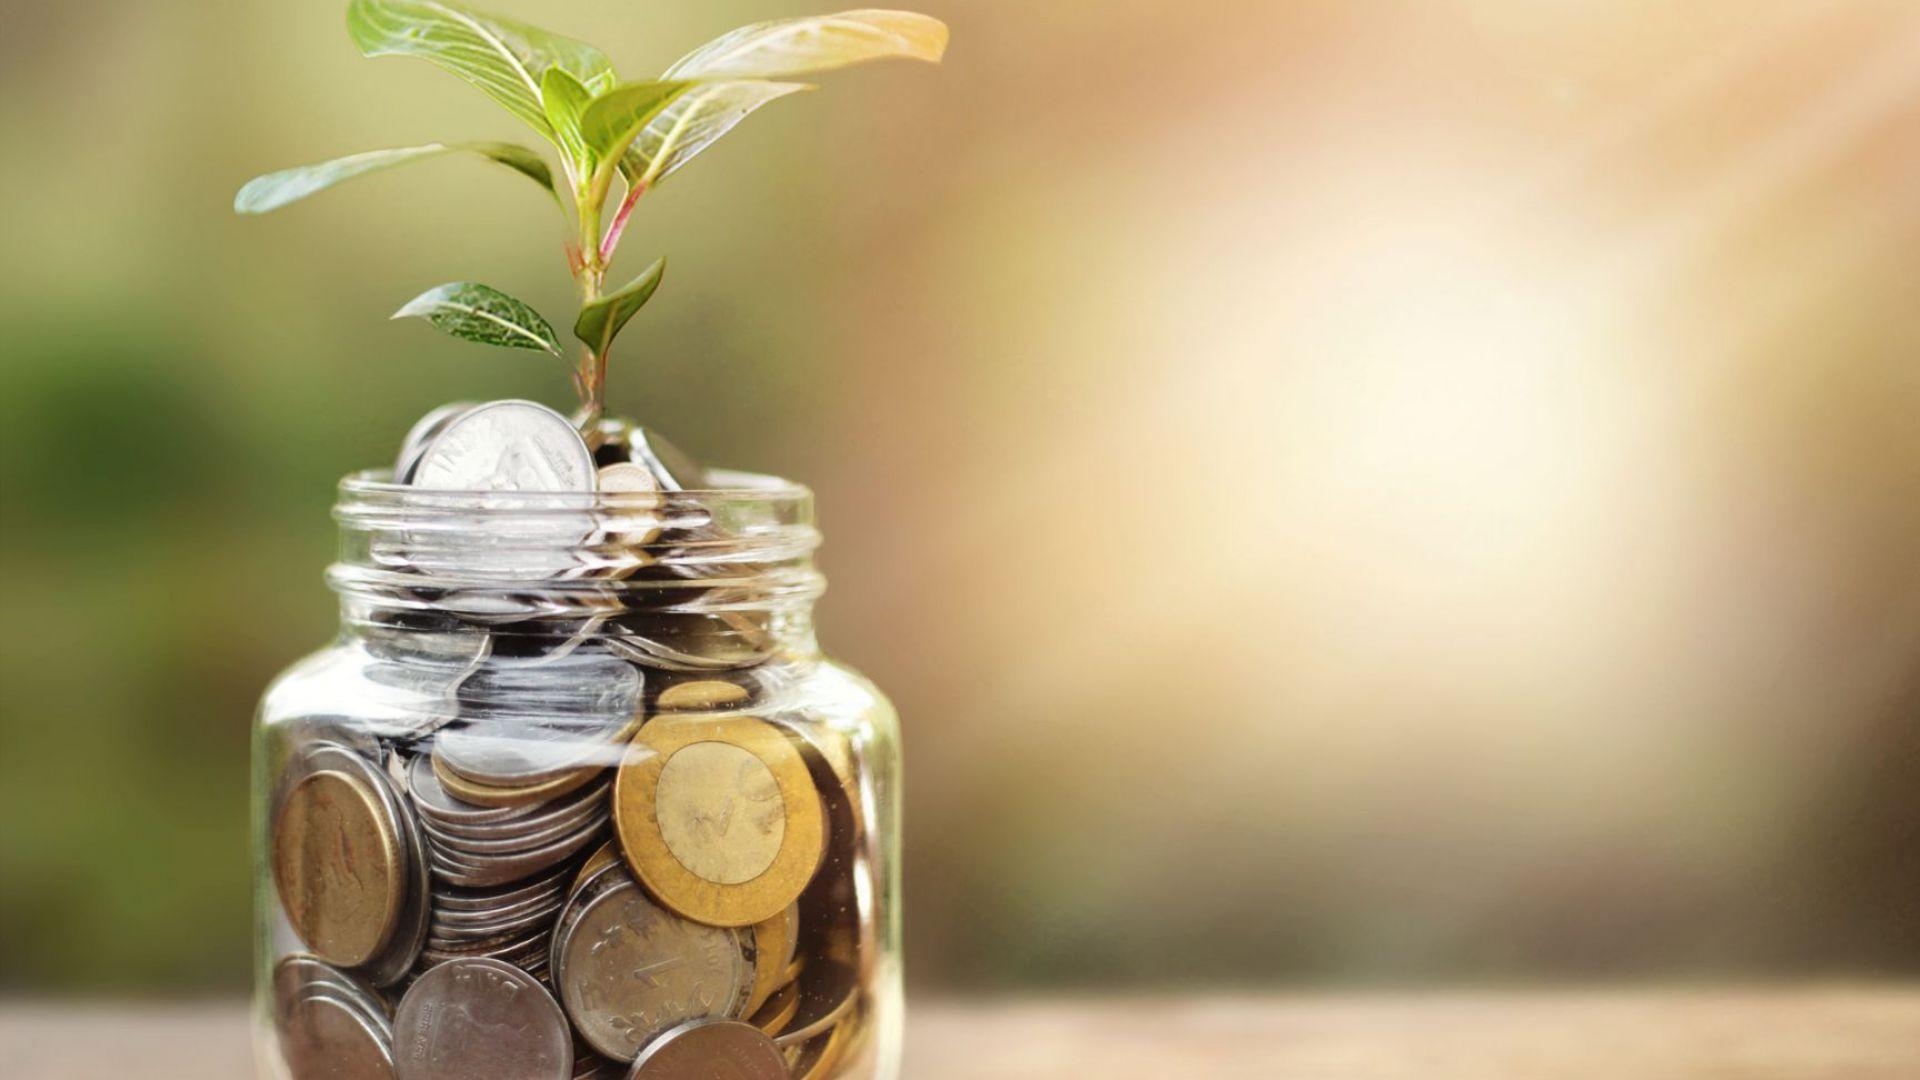 Пенсионните дружества са готови да изплащат вторите пенсии от есента на 2021-а